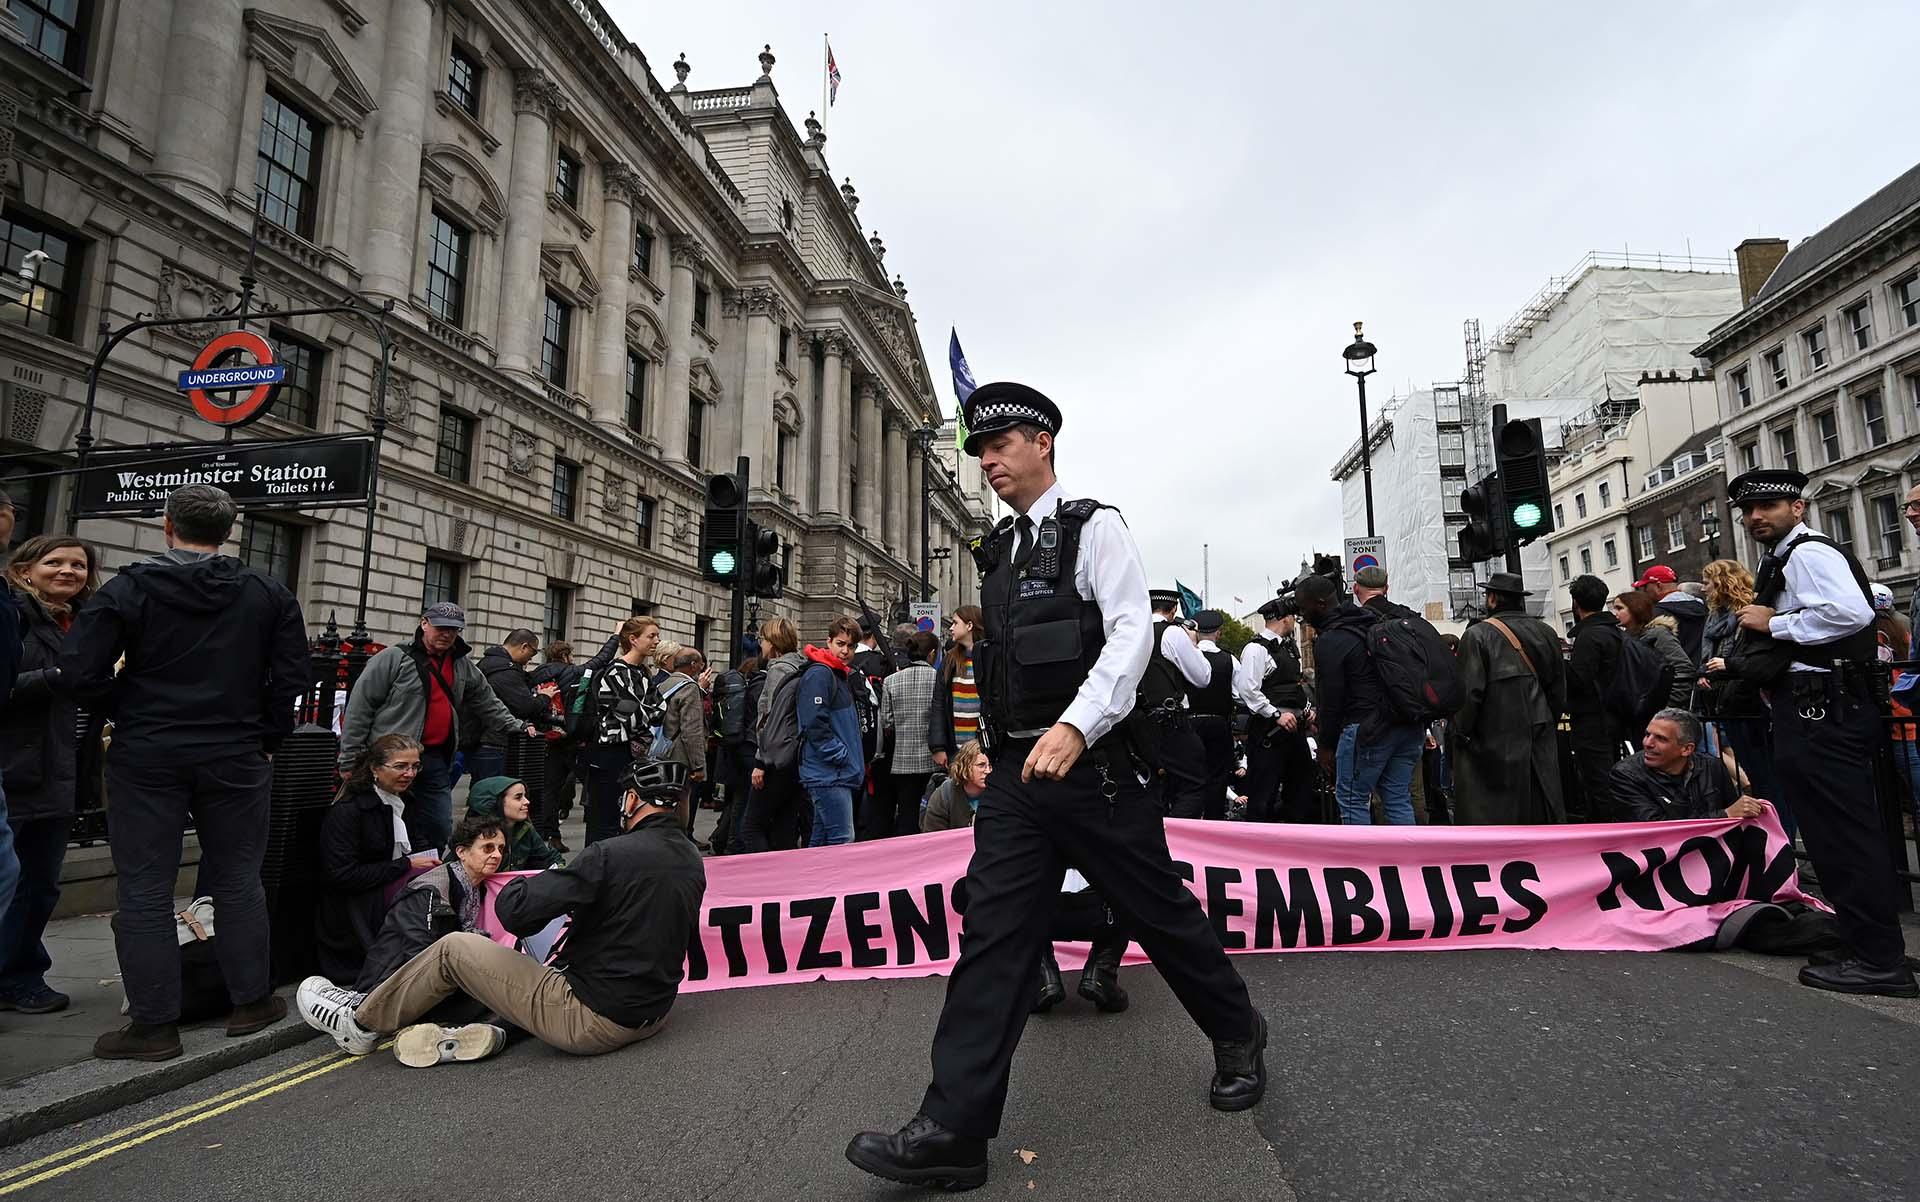 Oficiales de policía británicos hablan con activistas del cambio climático del grupo Extinction Rebellion, como lo demuestran mientras bloquean el cruce de las calles Whitehall y Parliament Square en el centro de Londres, el 7 de octubre de 2019. (Foto de Ben STANSALL / AFP)